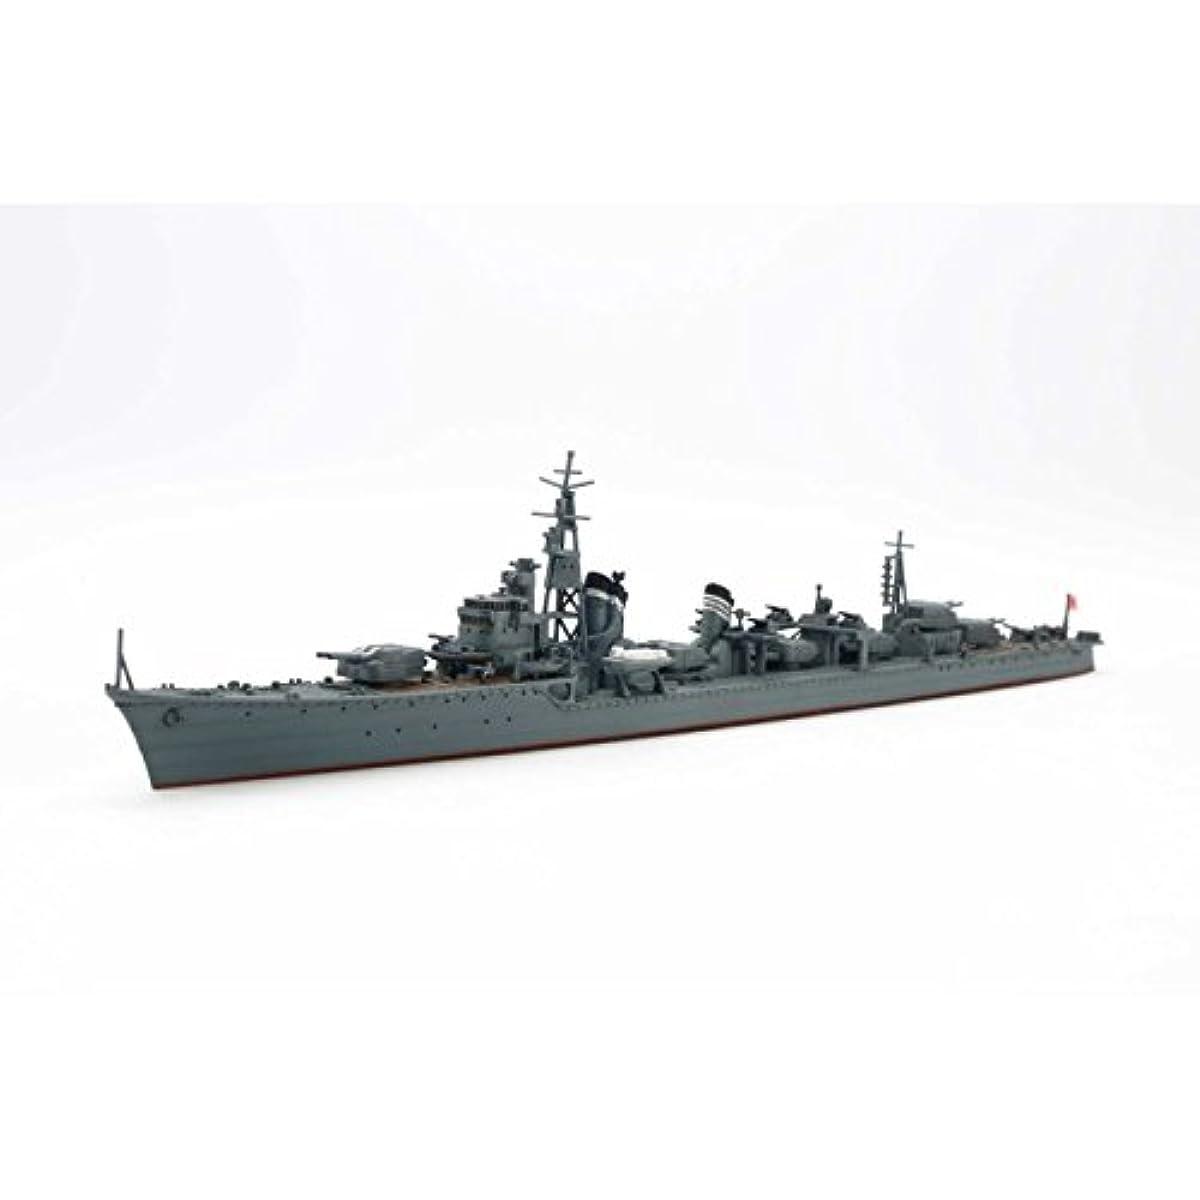 [해외] 퍼터미야 1/700 워터 라인 시리즈 NO.460 일본 해군 구축함 도바람 프라모델  31460